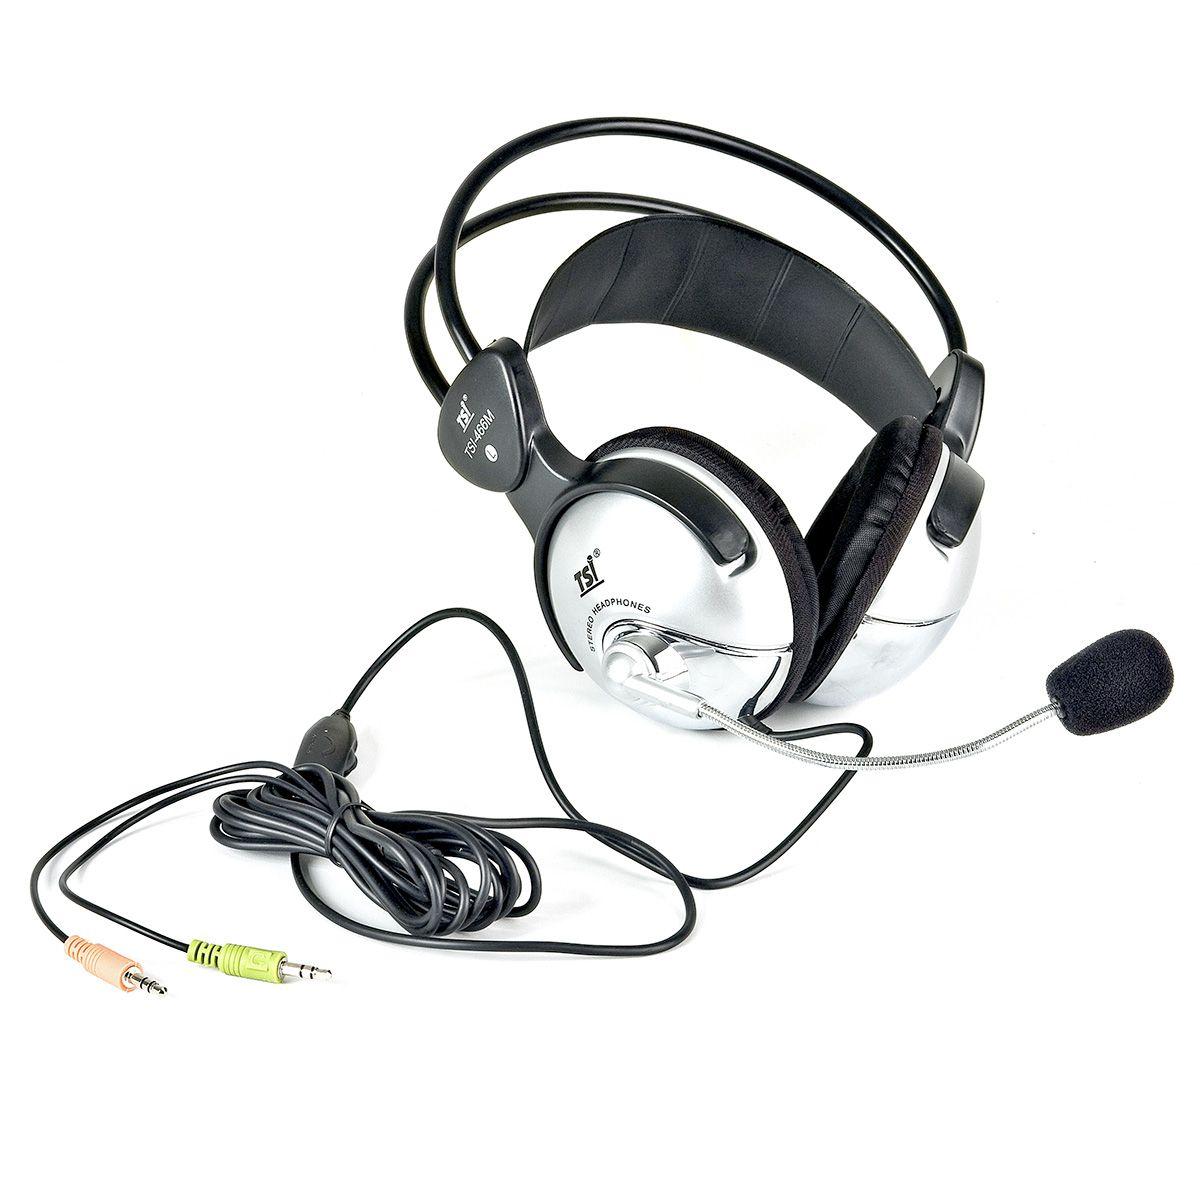 Fone de Ouvido TSI 466-M Over-Ear